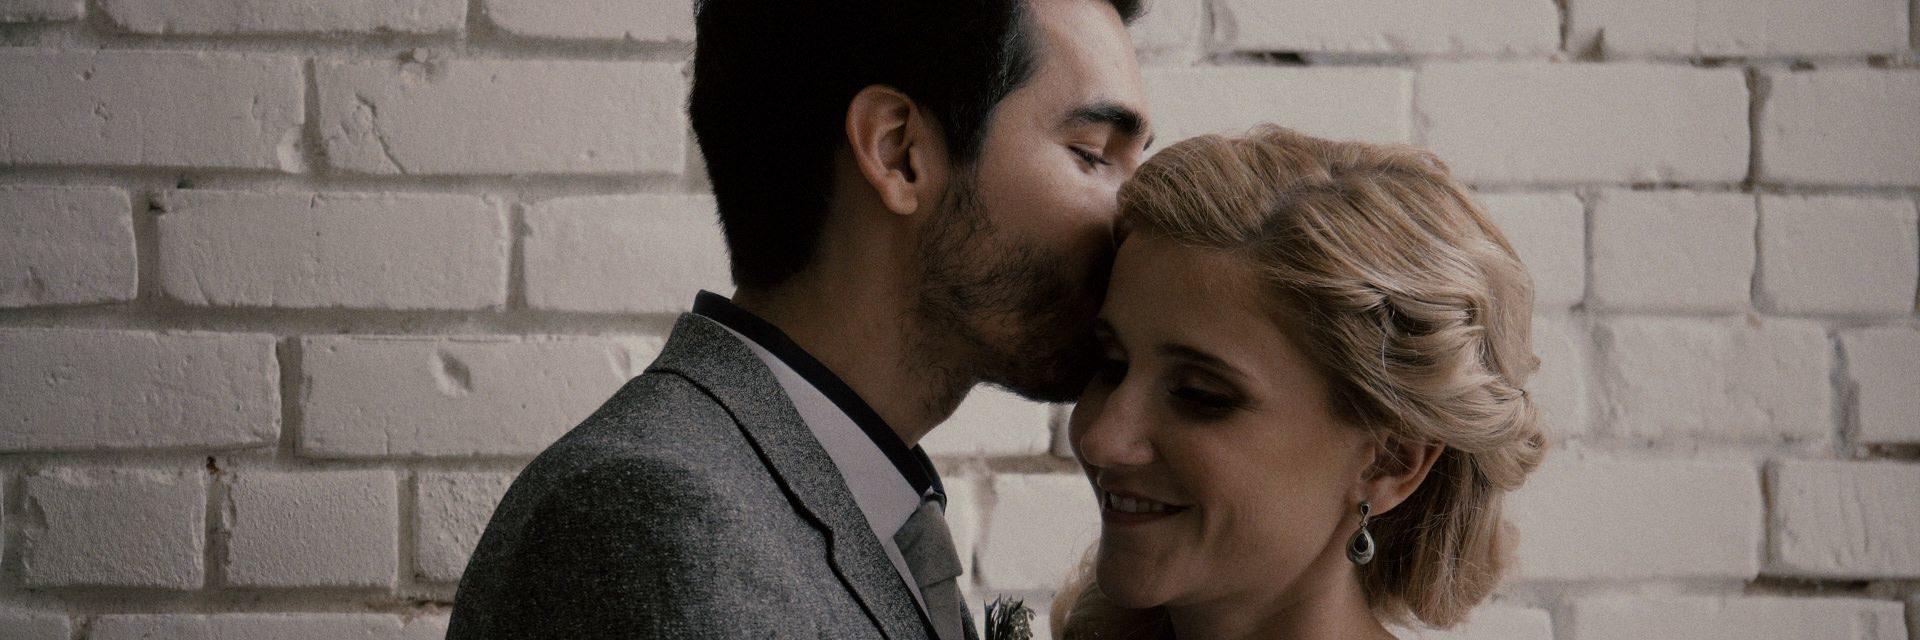 dunskey-estate-wedding-films-cinemate-films-03